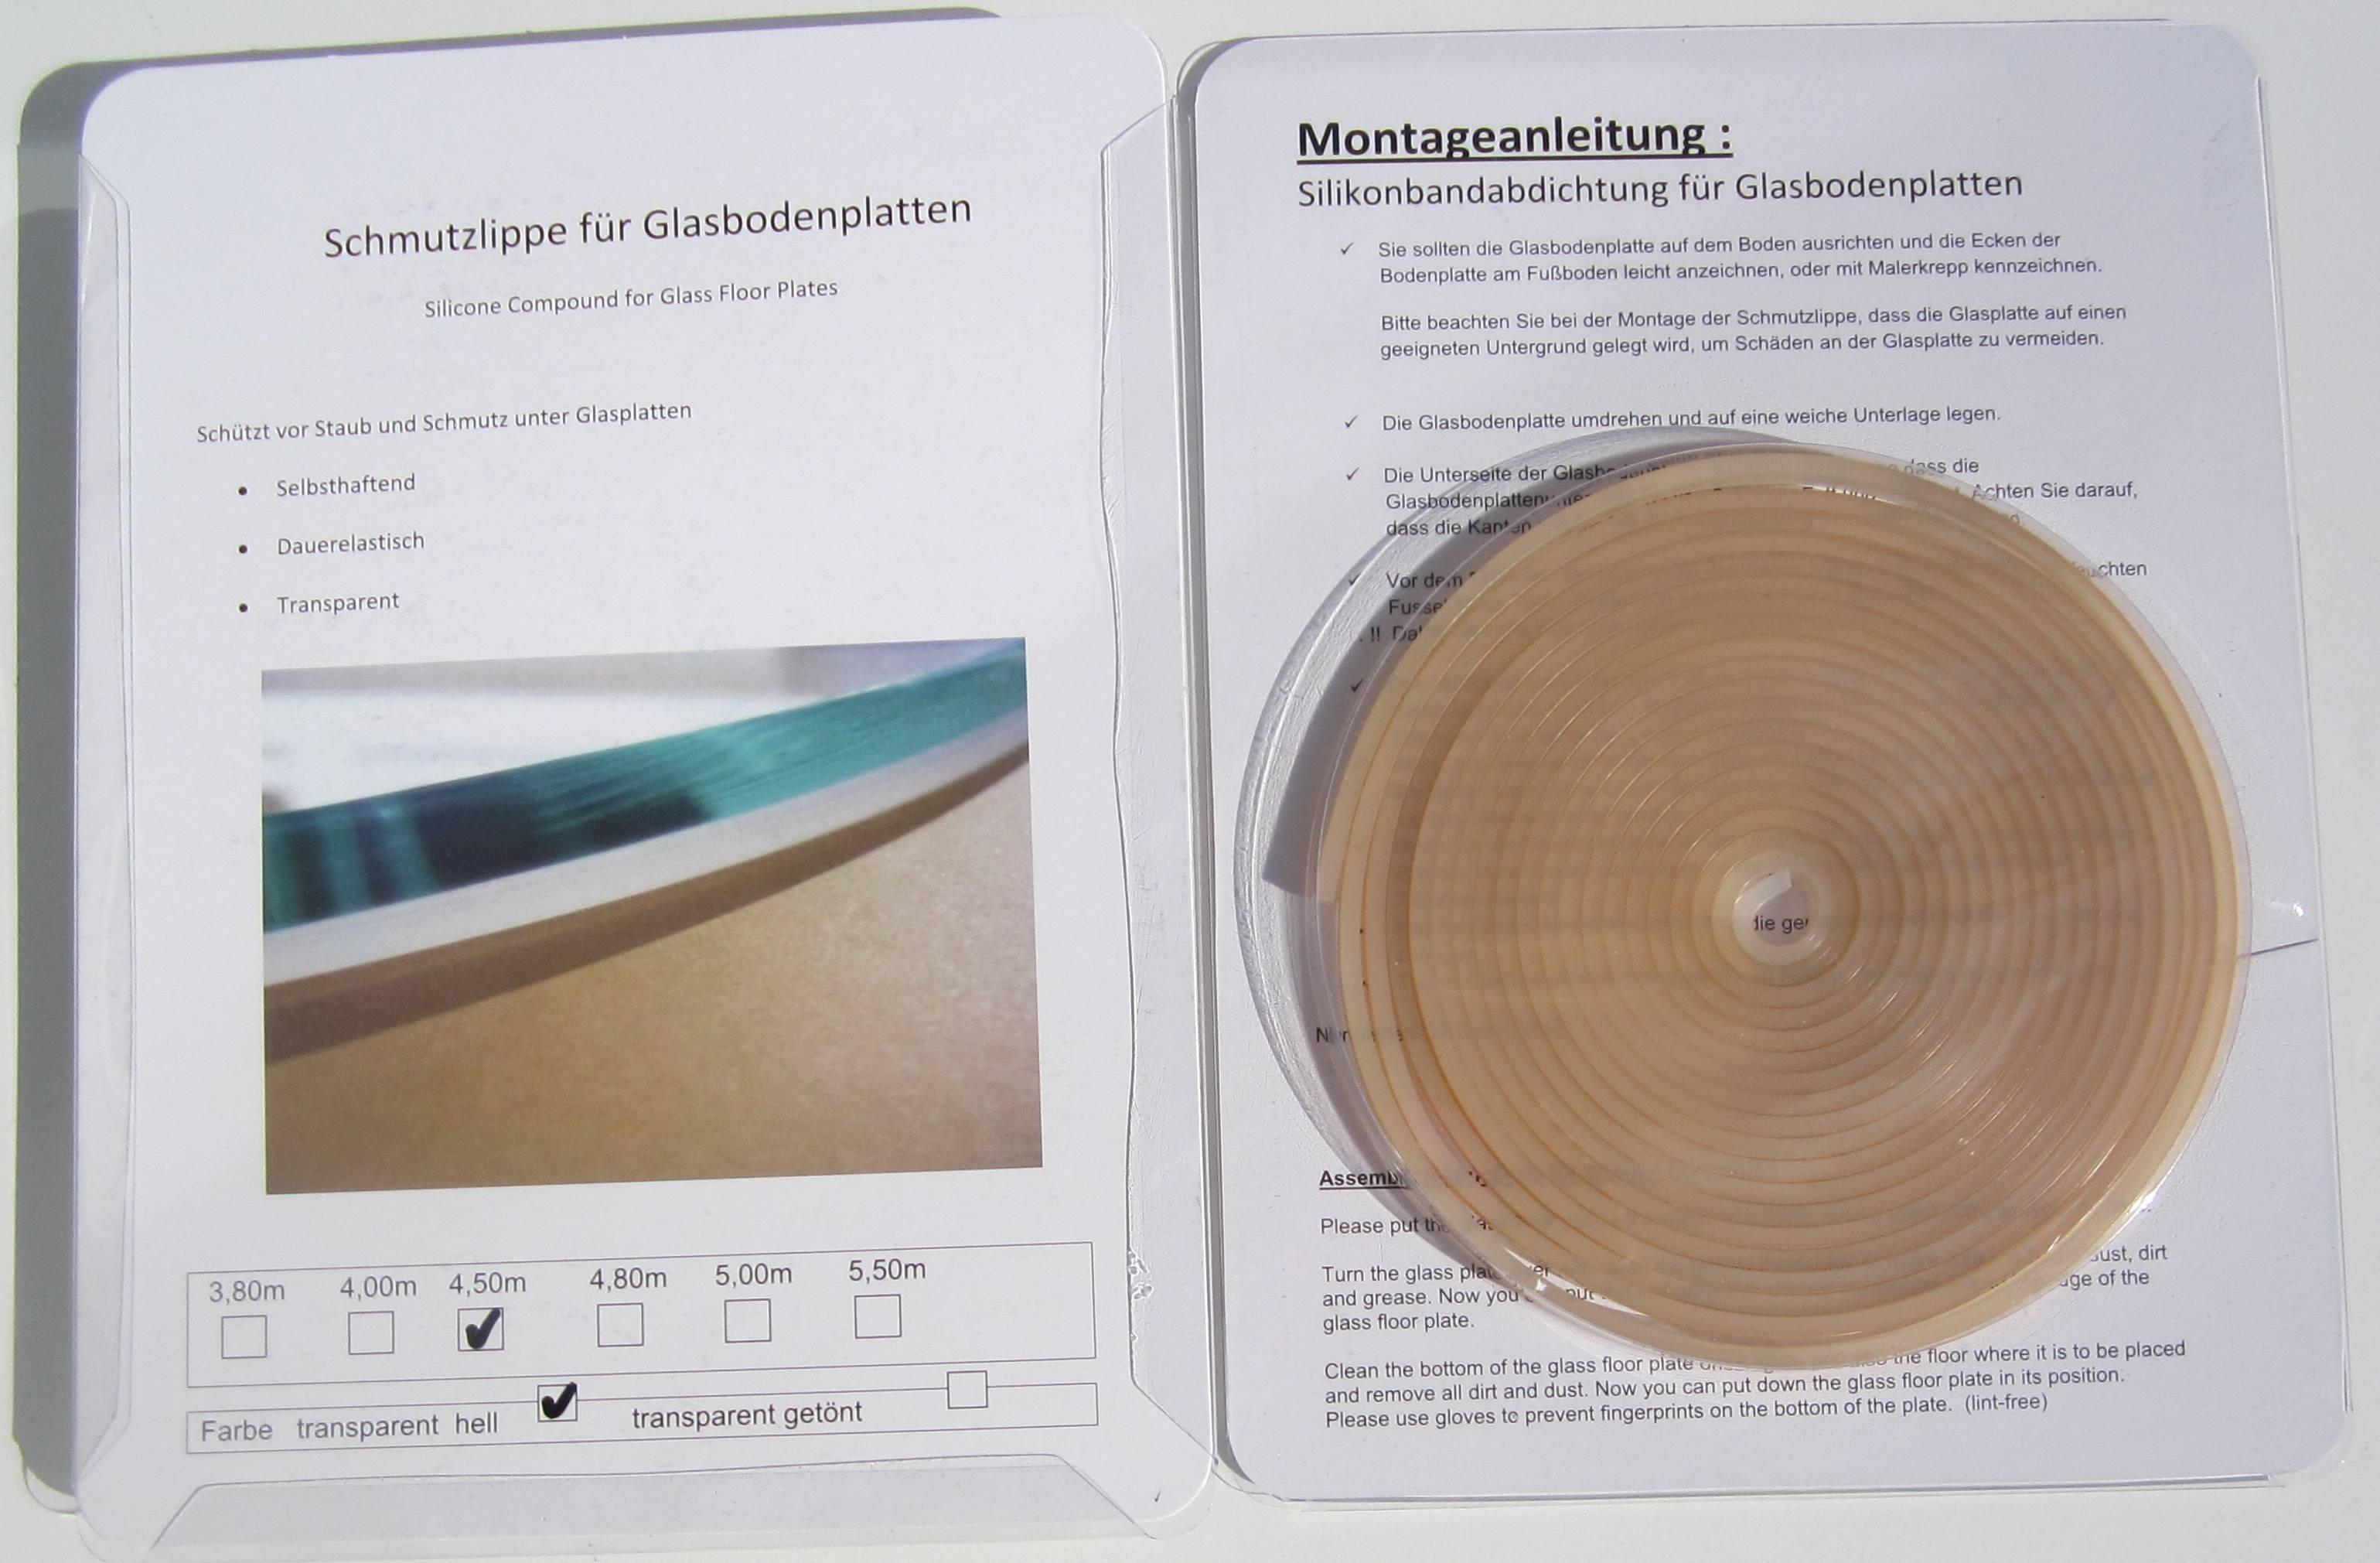 Relativ Dichtlippe für die Glasbodenplatte - Silikondichtlippe montieren KF92